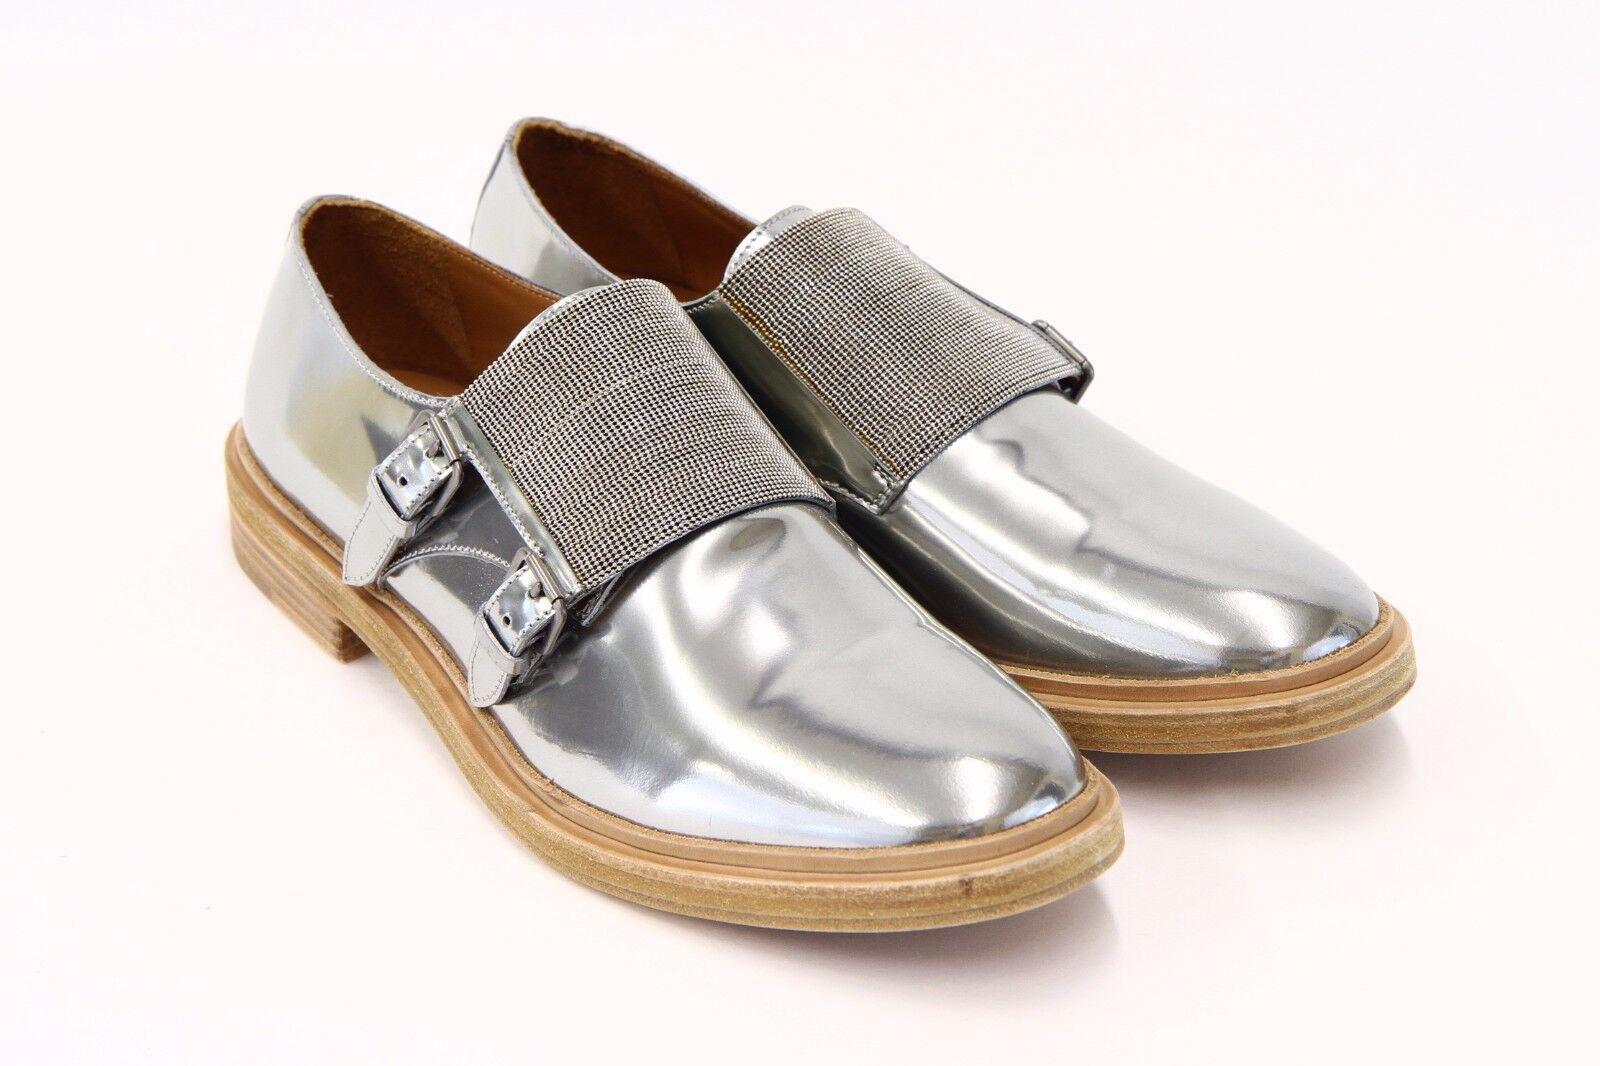 prezzo più economico NWOB 1995 1995 1995 Brunello Cucinelli Chrome Leather Monili Double Monk scarpe 40 10US A176  ti aspetto